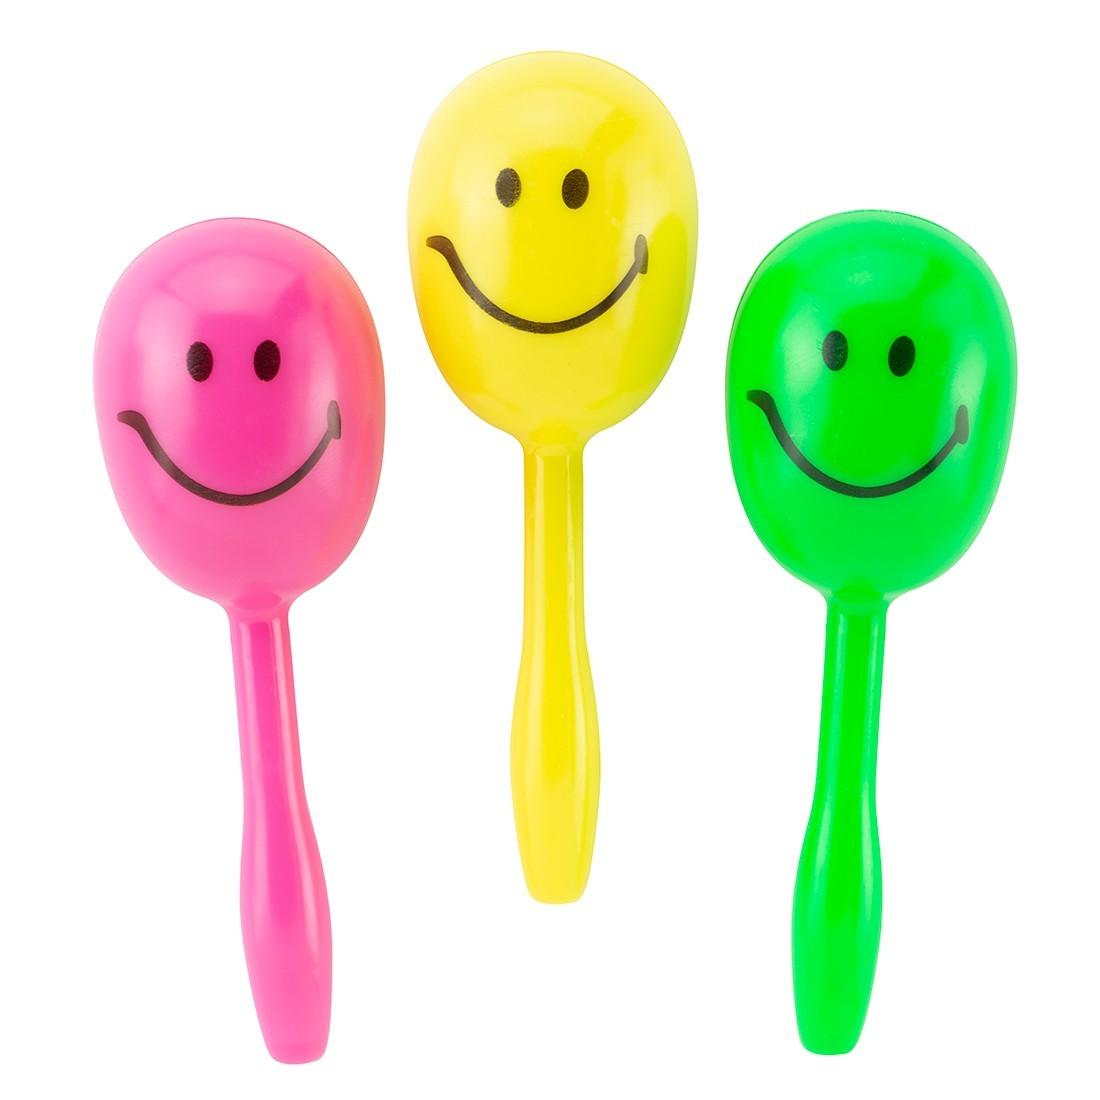 Smiley Maracas [image]